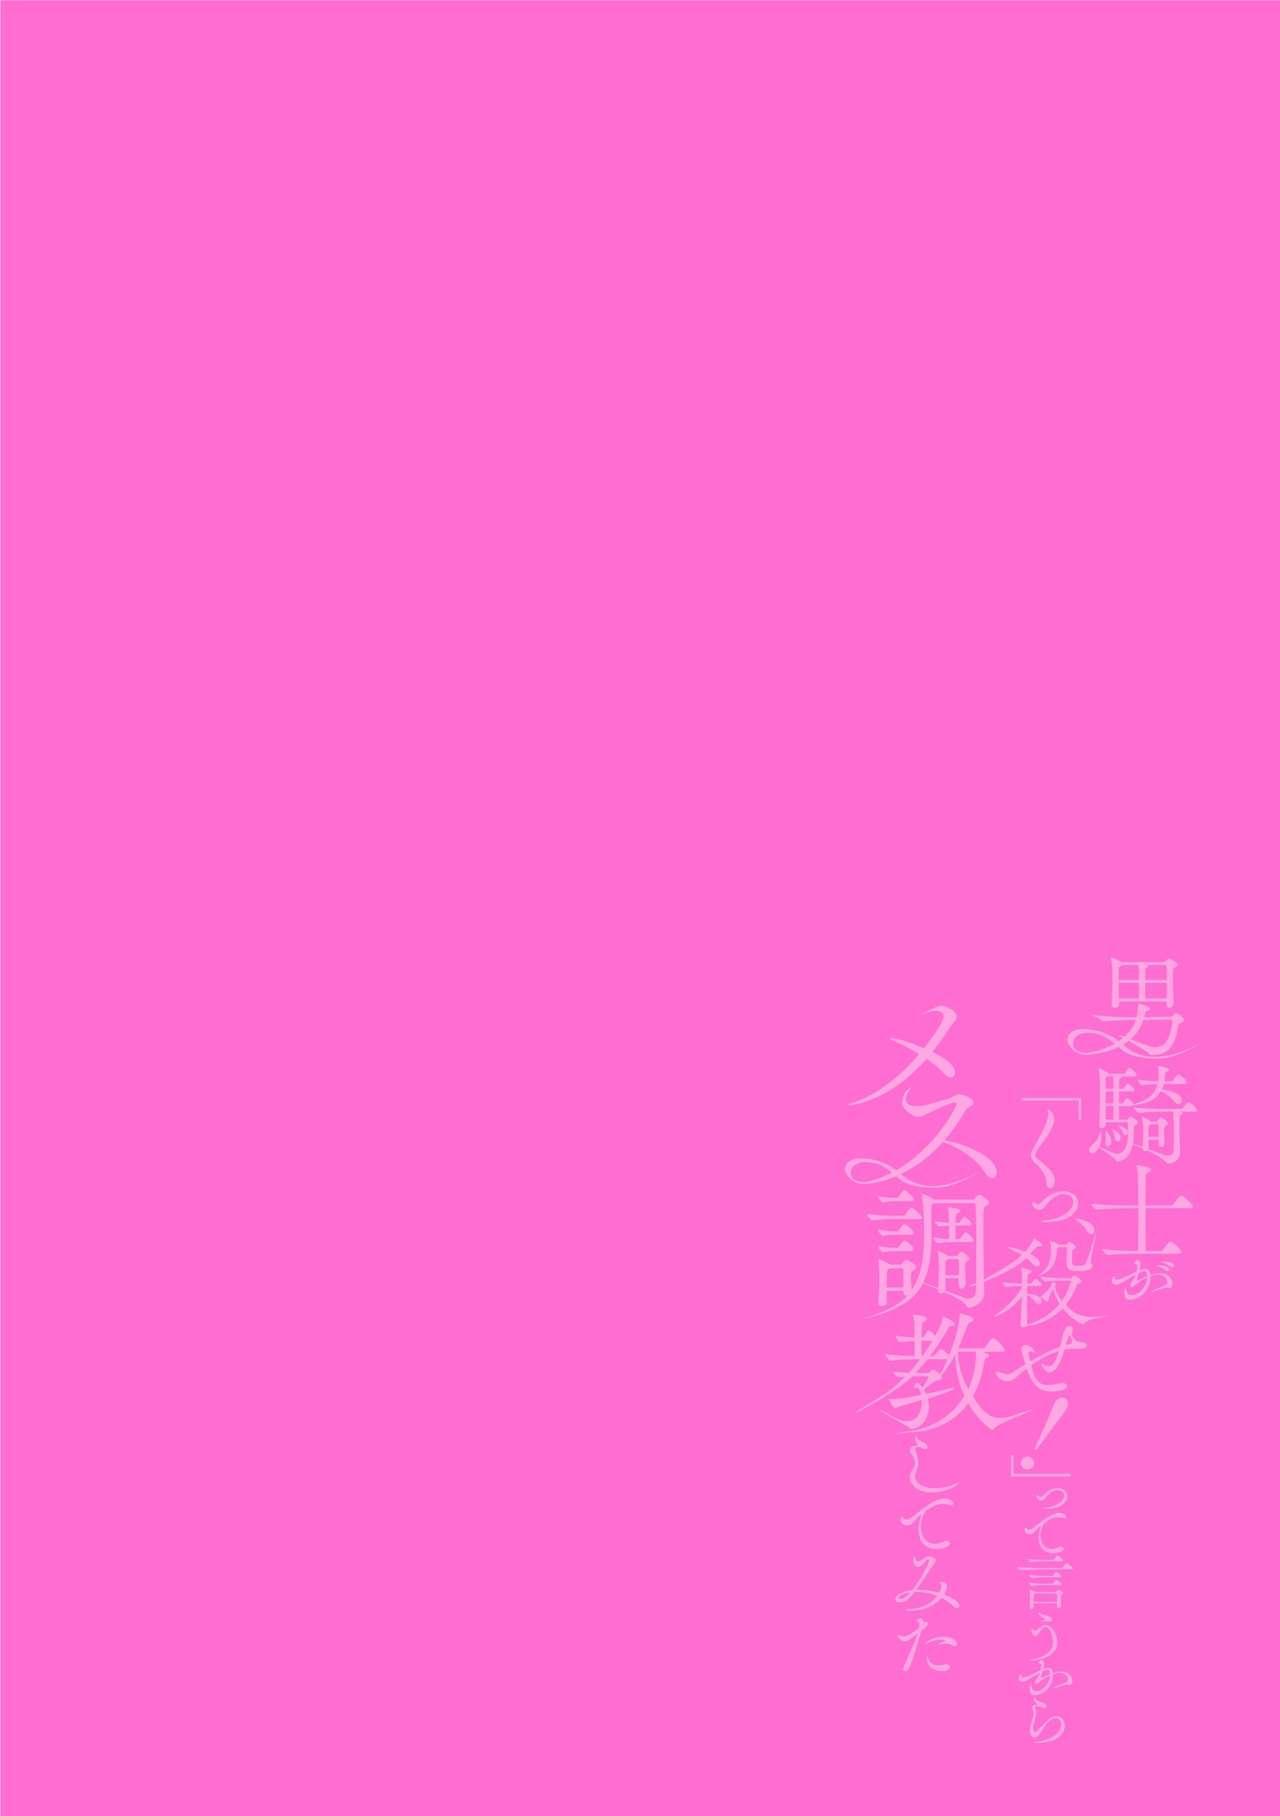 """Otoko Kishi ga """"Ku, Korose!"""" tte Iu kara Mesu Choukyou Shitemita Ch. 3 1"""